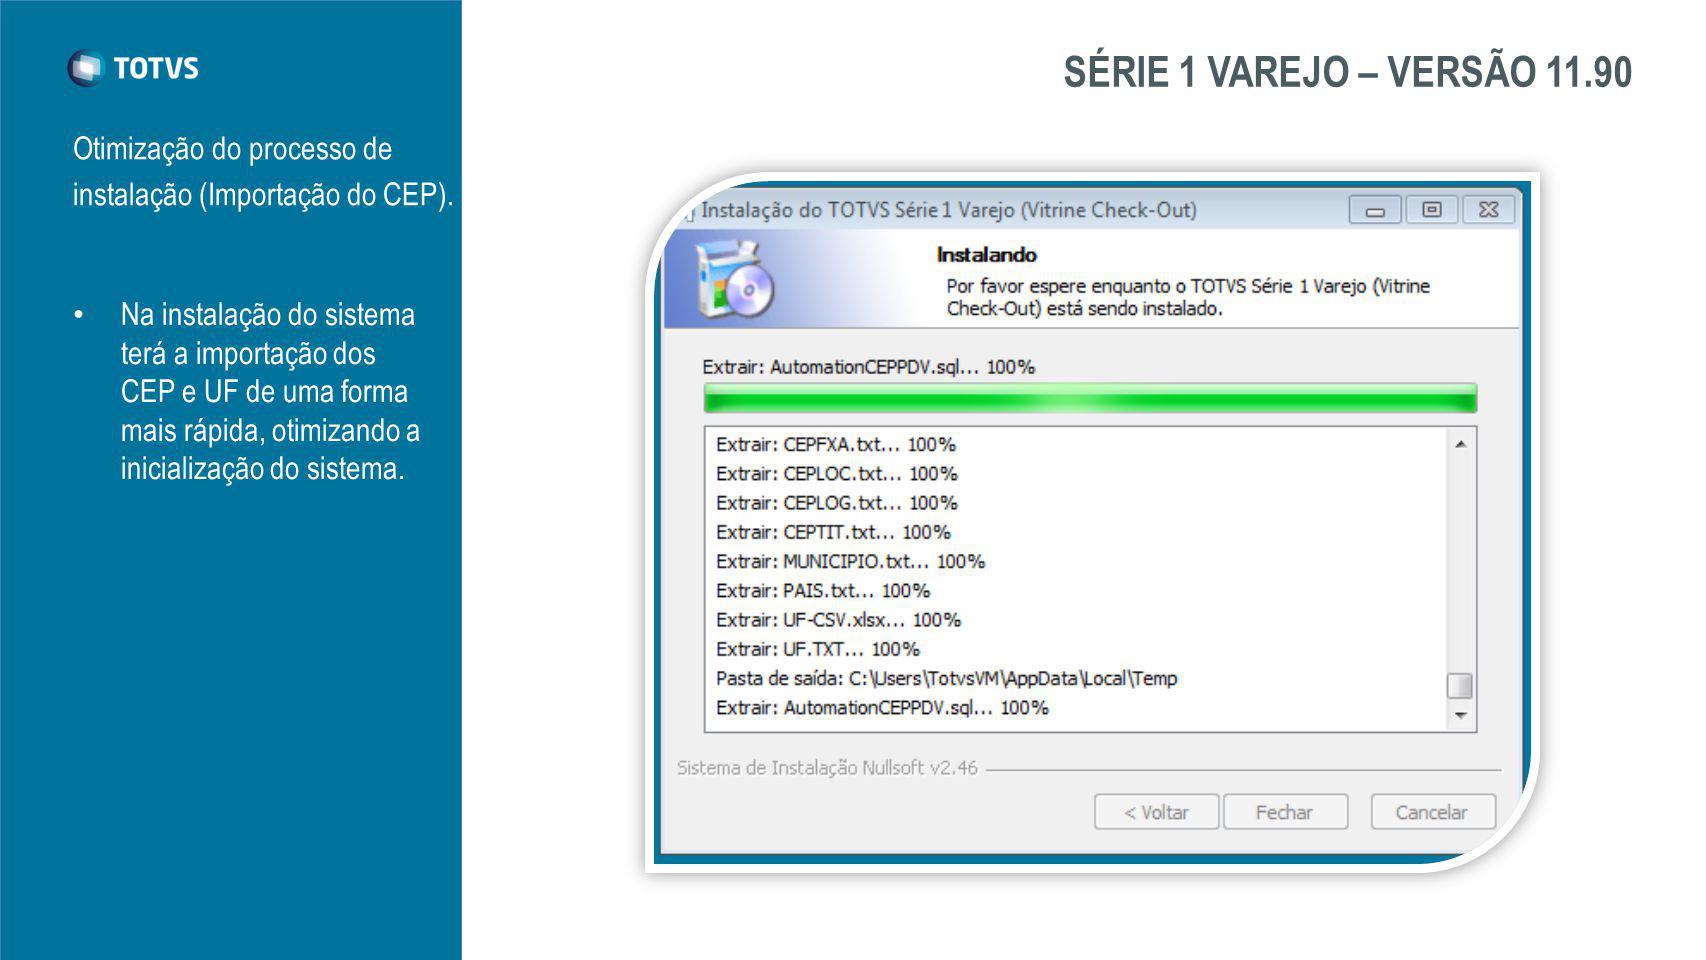 SÉRIE 1 VAREJO – VERSÃO 11.90 Otimização do processo de instalação (Importação do CEP).